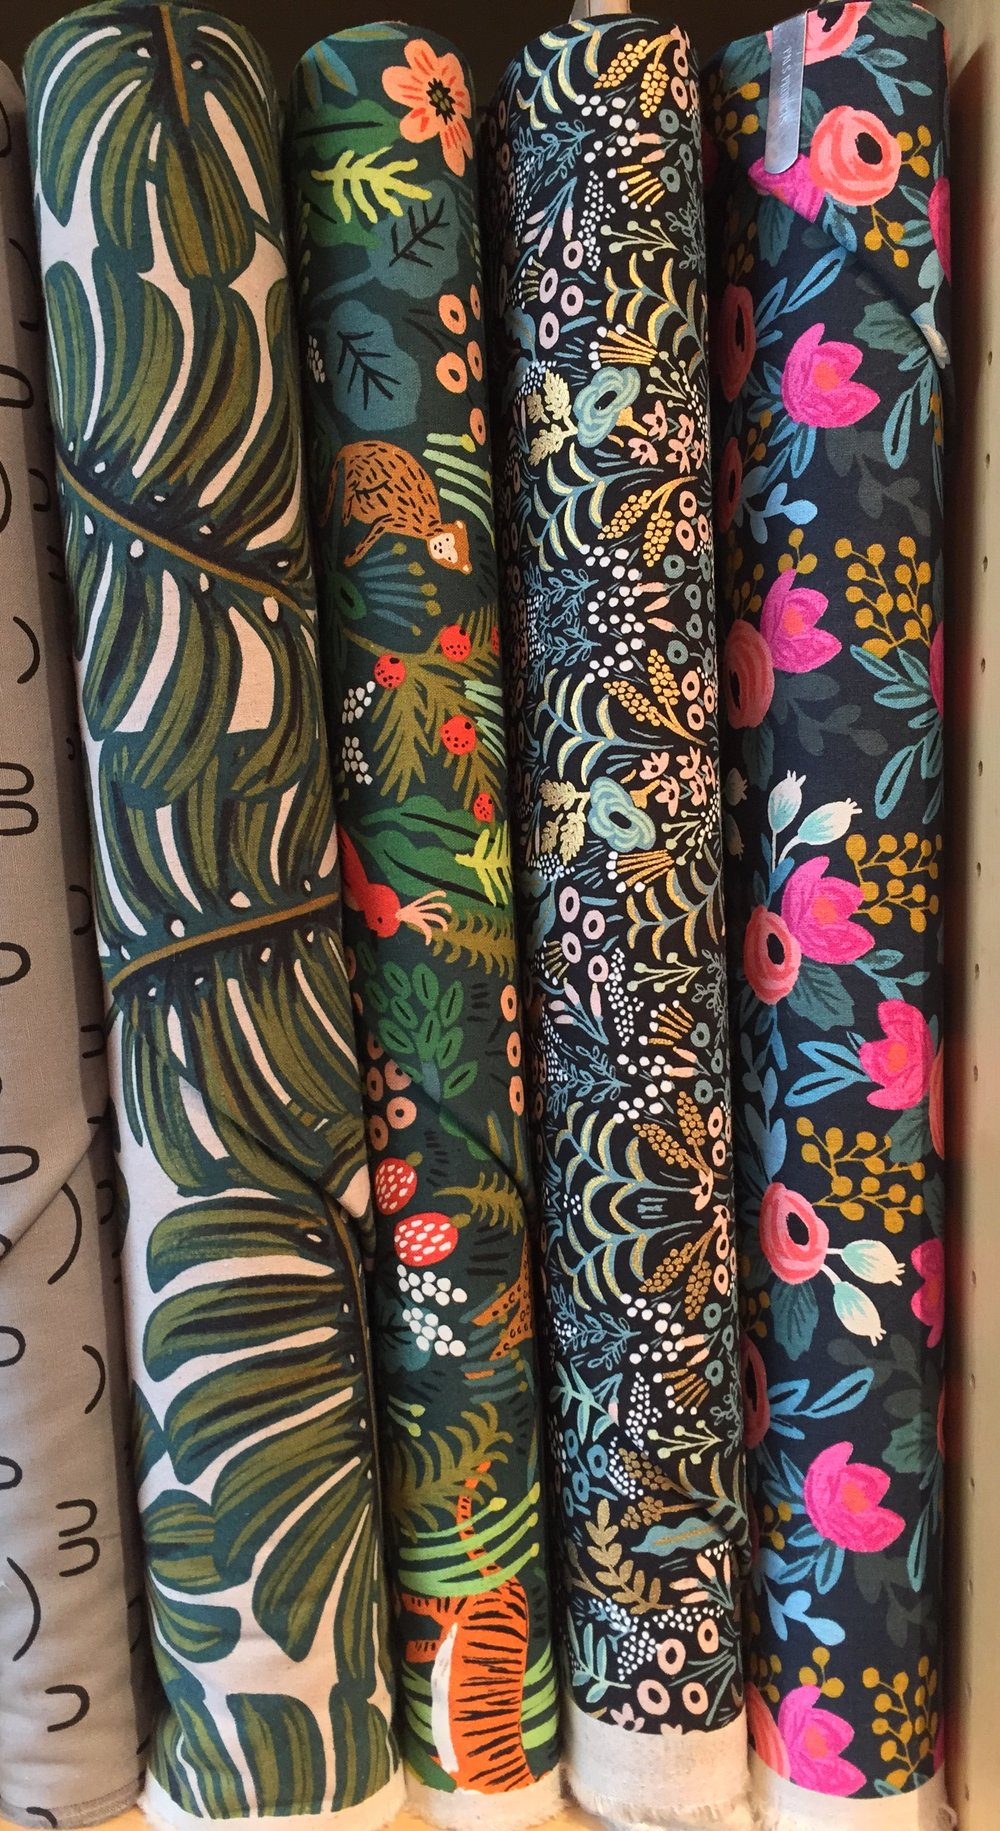 Rifle Paper Co's cotton/ linen blend canvas for Cotton + Steel.